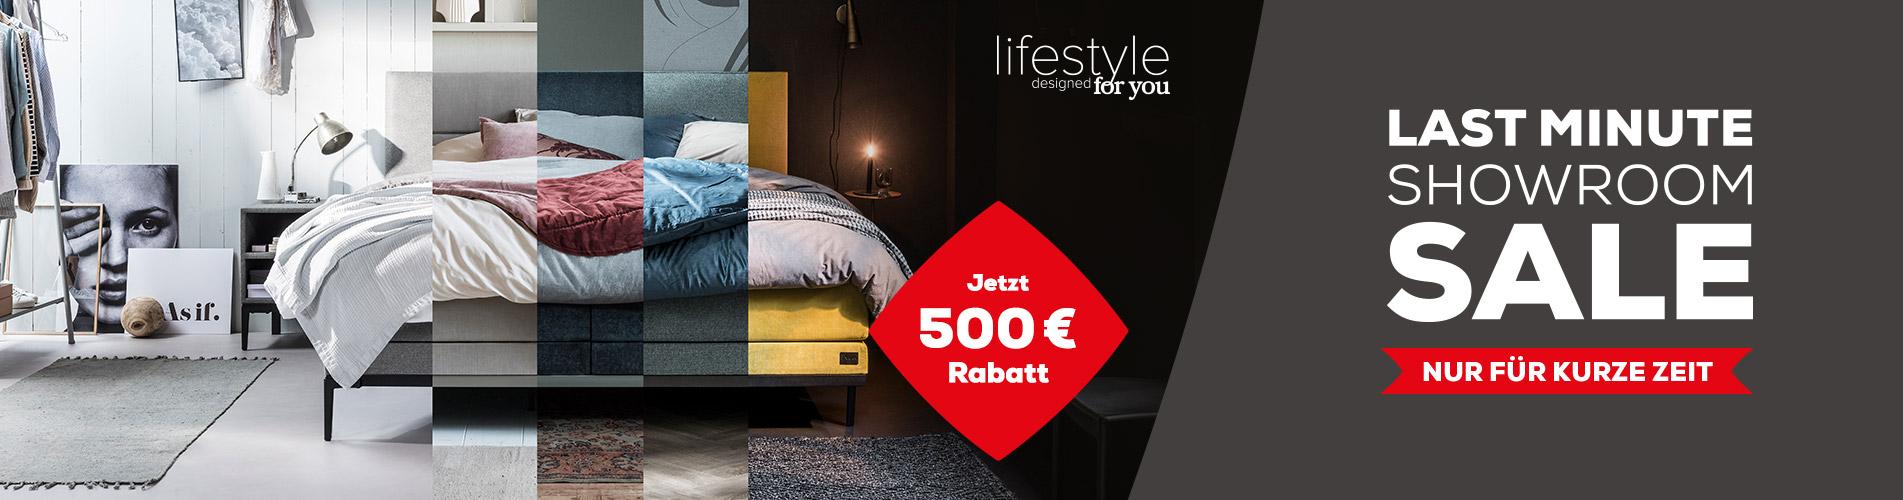 500 € Rabatt auf die Lifestyle Kollektion - LMSS   Swiss Sense